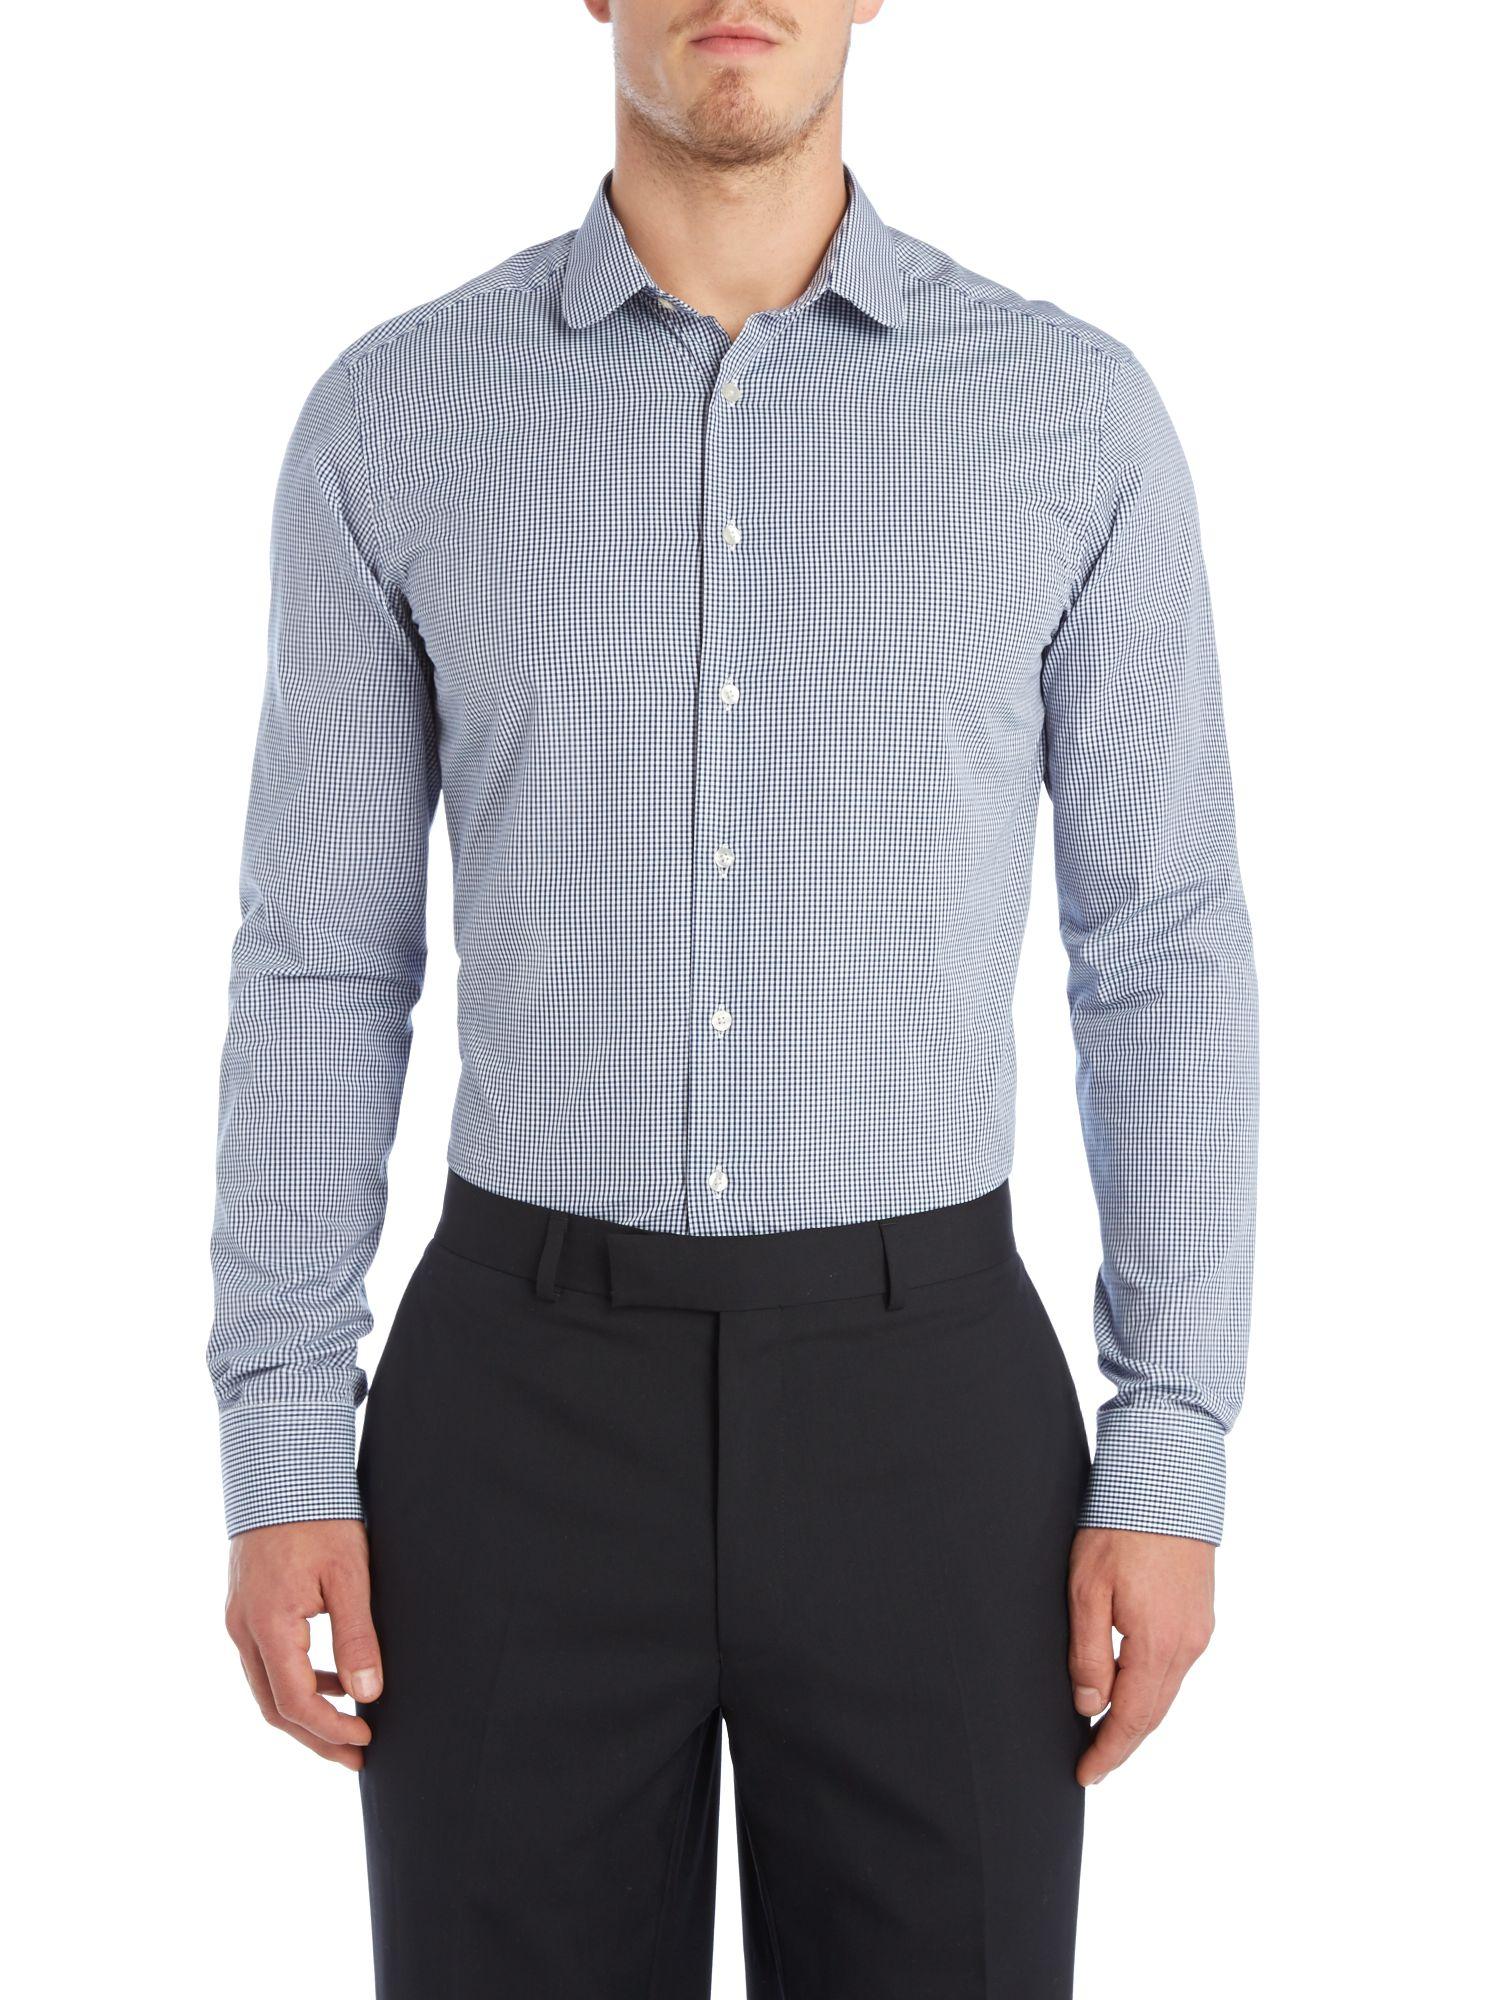 Simon Carter Penny Gingham Slim Fit Shirt In Blue For Men